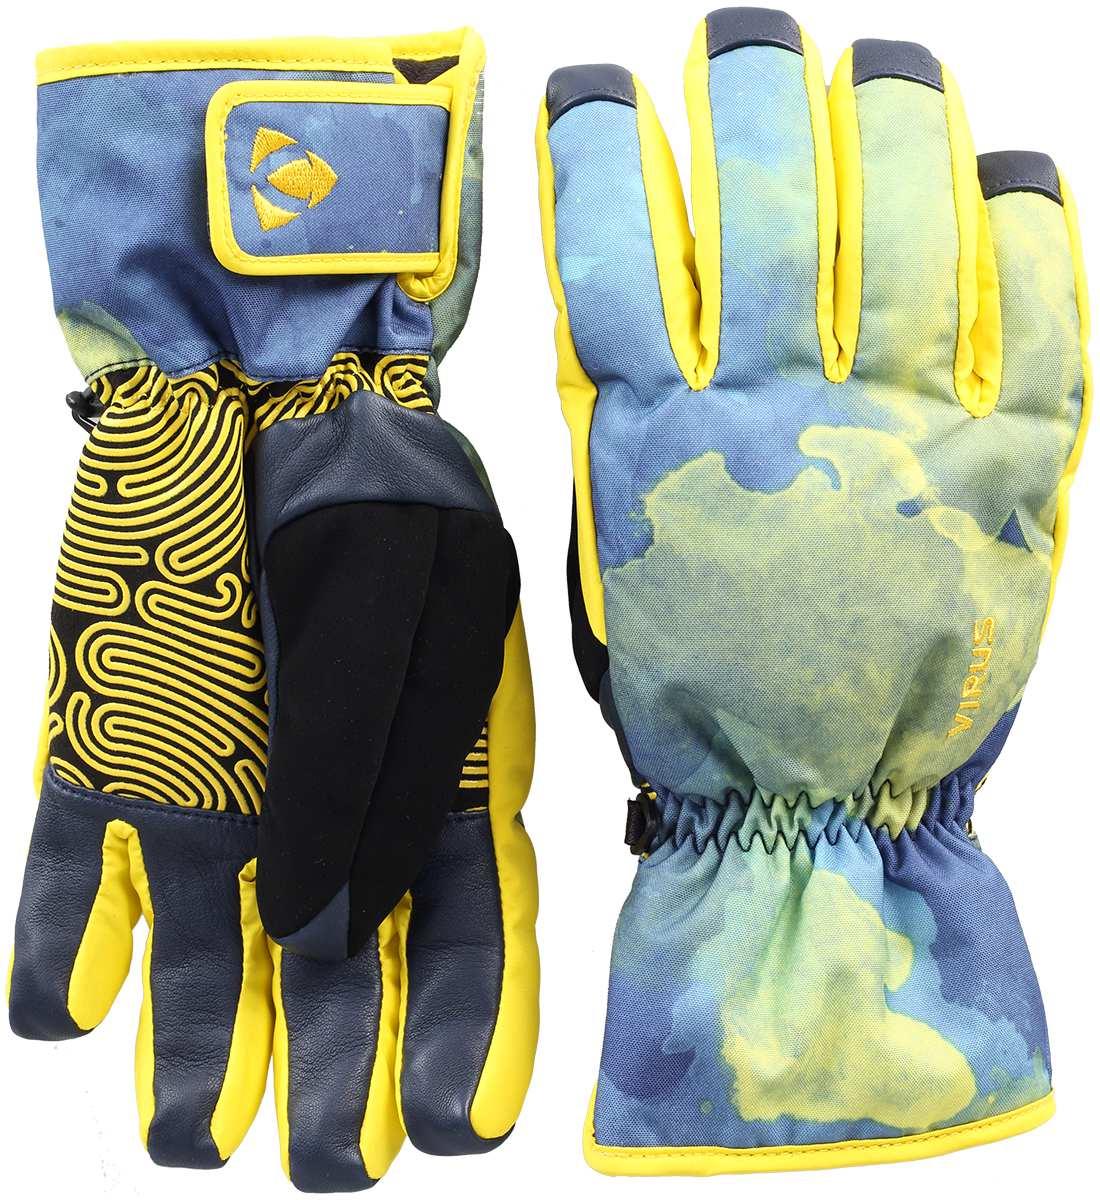 Перчатки GlobeПерчатки<br><br> Новая модель перчаток в актуальном аквапринте! Помимо цвета, модель Globe оснащена силиконовым рисунком на ладони, продлевающим срок службы перчатки, как и отделка пальцев кожаными вставками. Резинка на запястье, надежная мембрана DryZone и утеплит...<br><br>Цвет: Синий<br>Размер: M